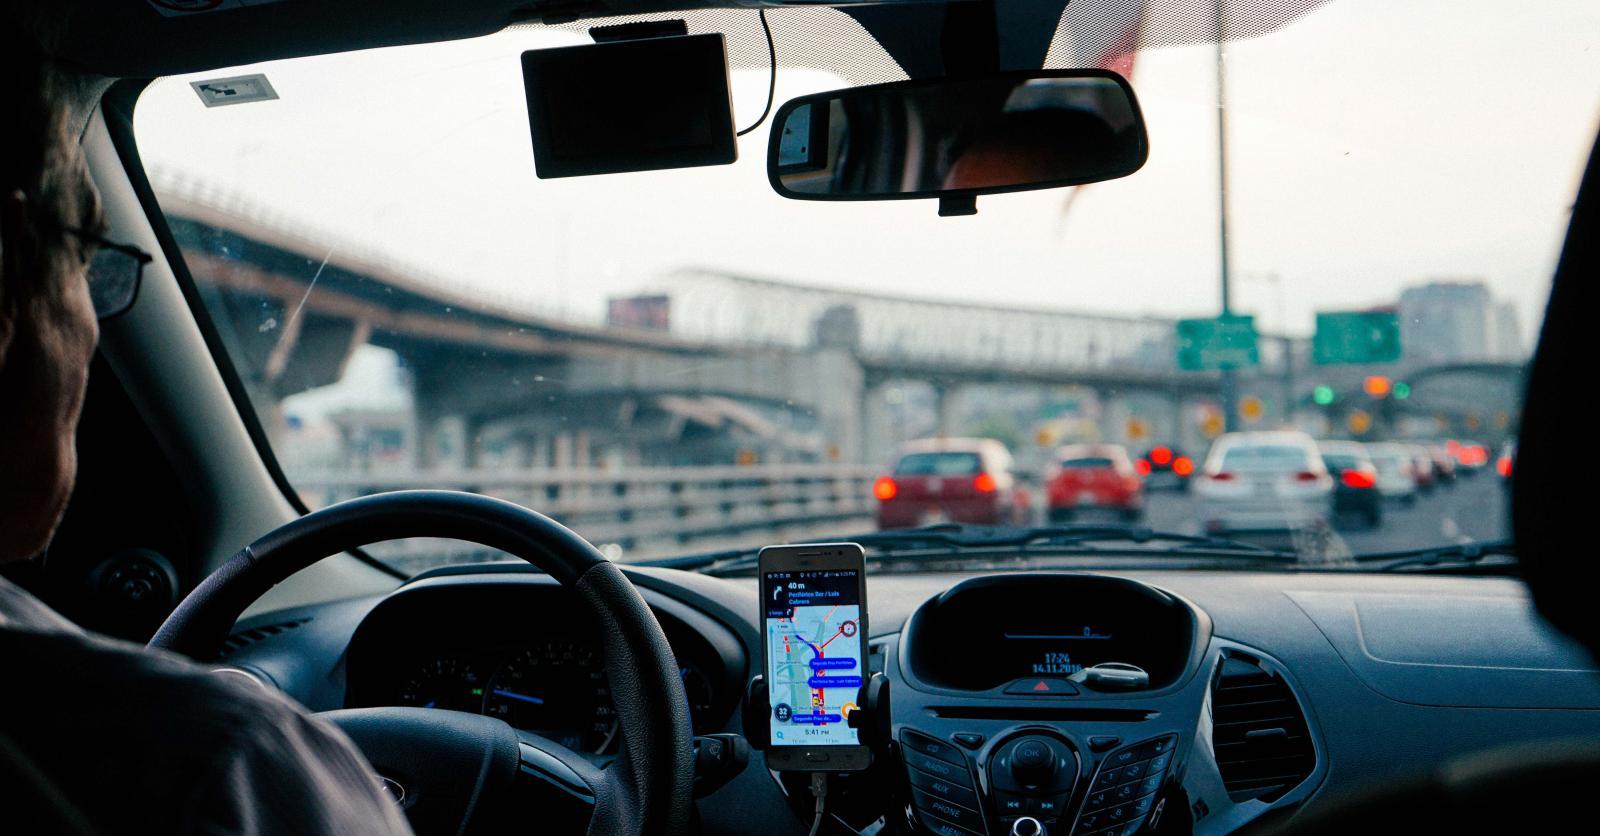 Desde el 2018 Uber buscaba incorporar inversores al negocio de la conducción autónoma